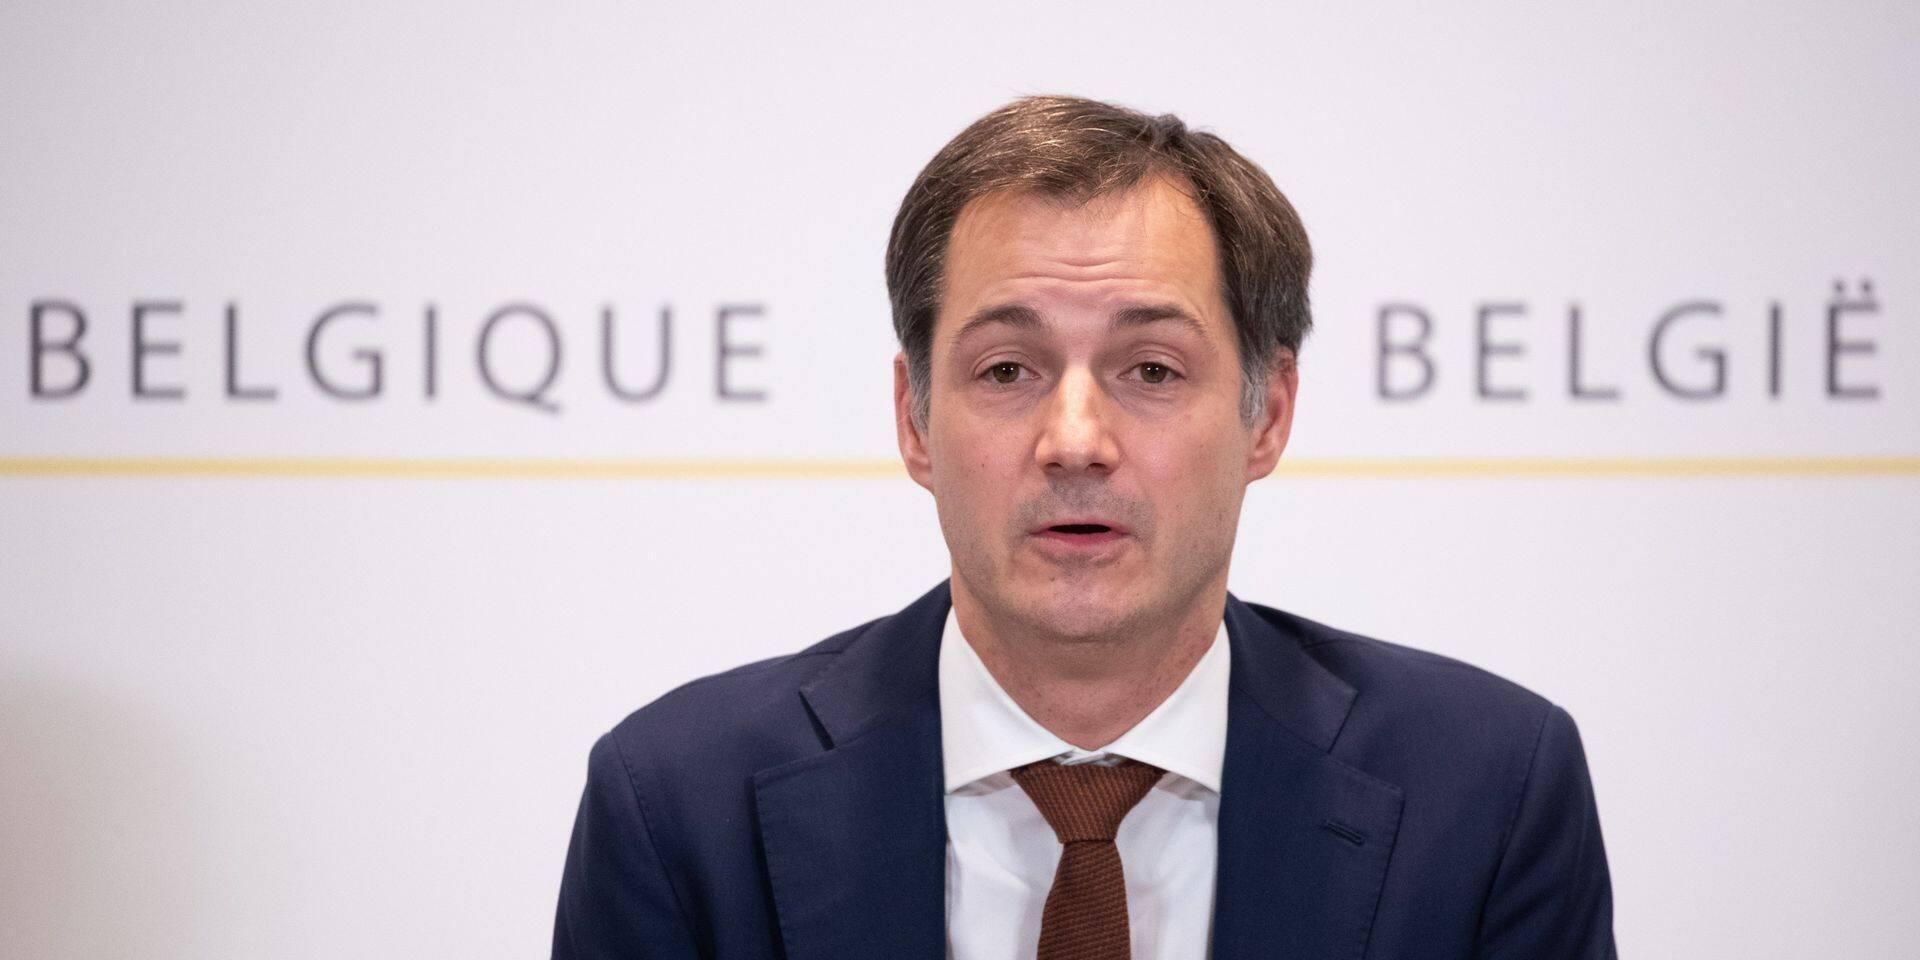 Nouvelle souche du Covid: la Belgique interdit les vols et trains en provenance du Royaume-Uni